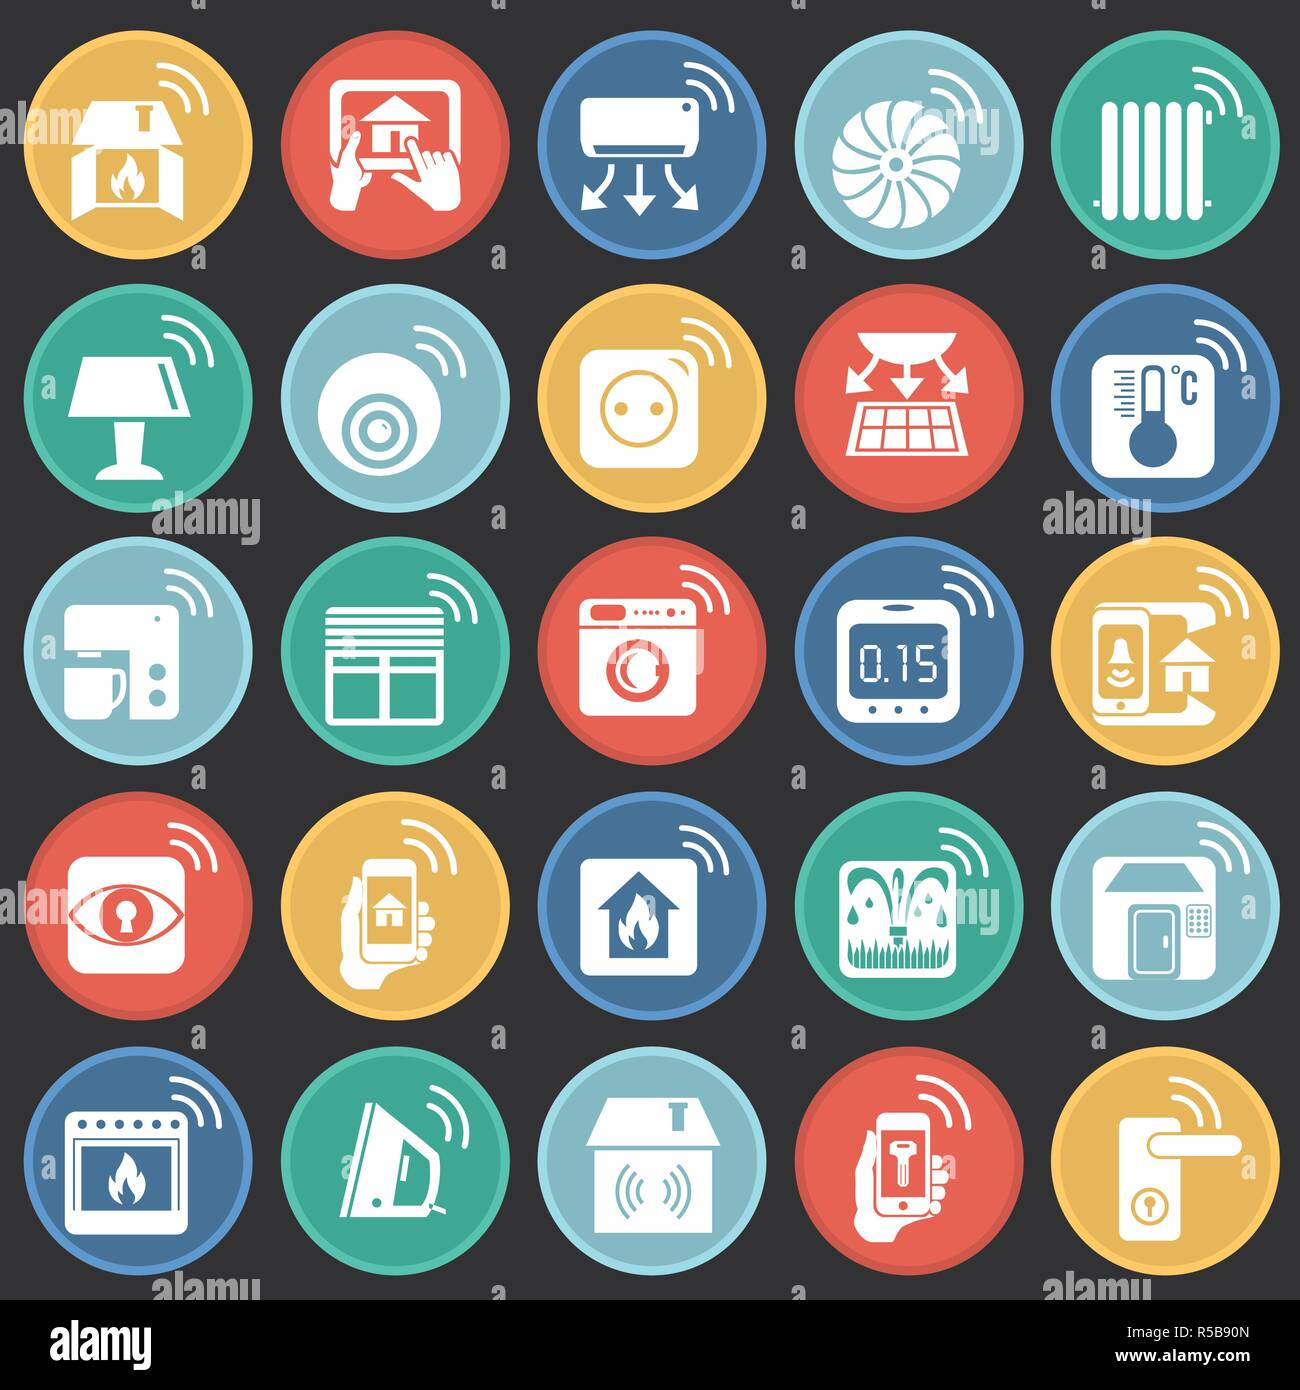 e362088c34b18 Casa inteligente en botones de color fondo negro para diseño gráfico y web  sencillo